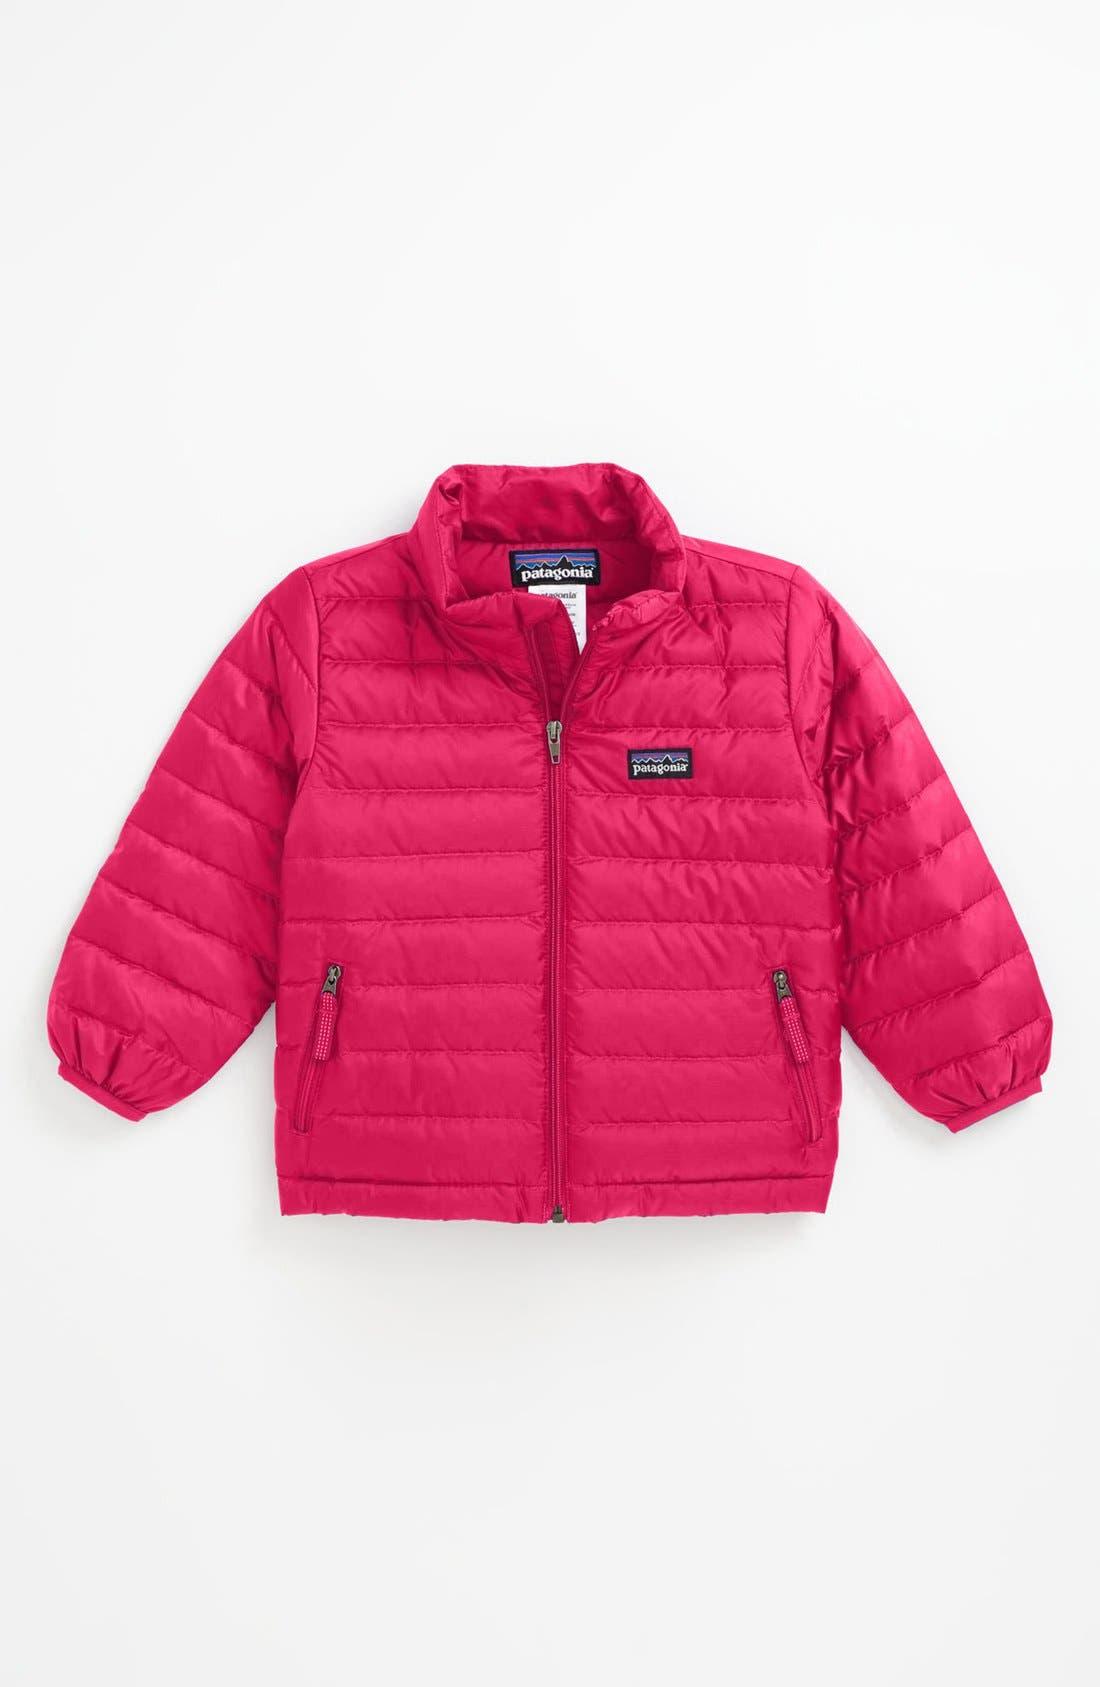 Alternate Image 1 Selected - Patagonia Down Sweater Jacket (Toddler Girls)